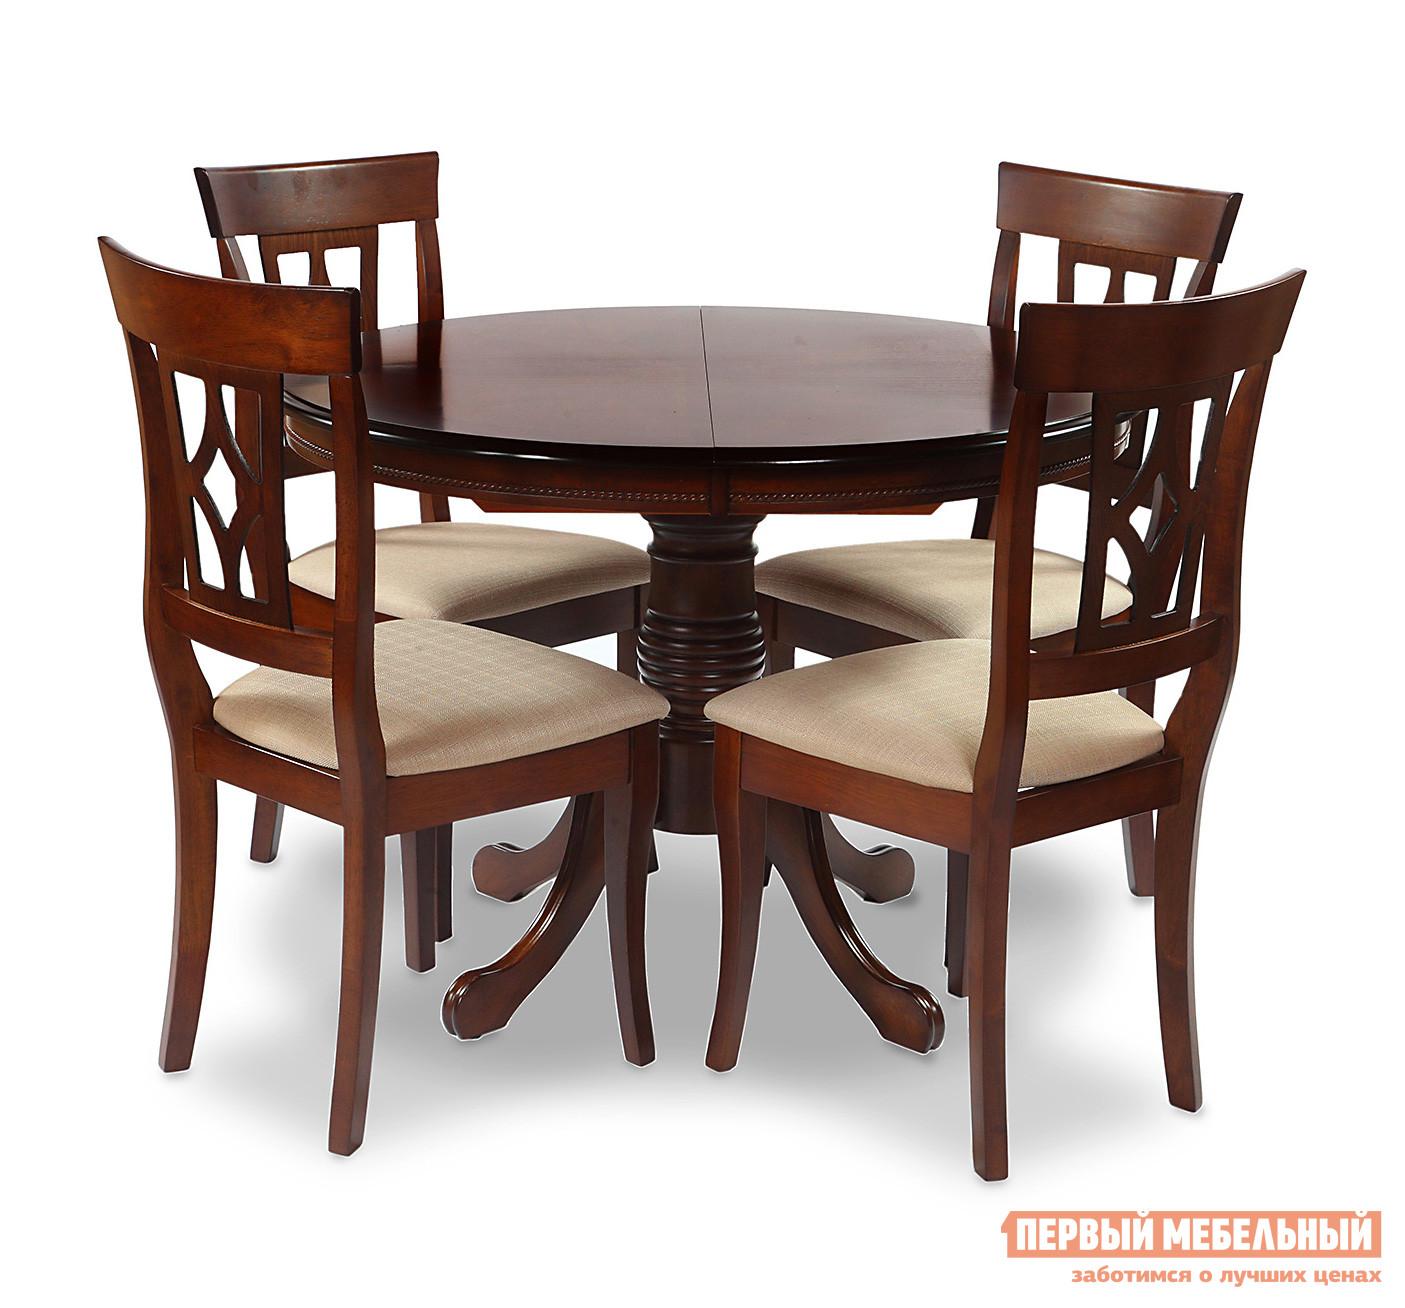 Обеденная группа для столовой и гостиной Mr. Kim Стол OP-T4EX + 4 шт. стула AM-SC2 TOBACCO